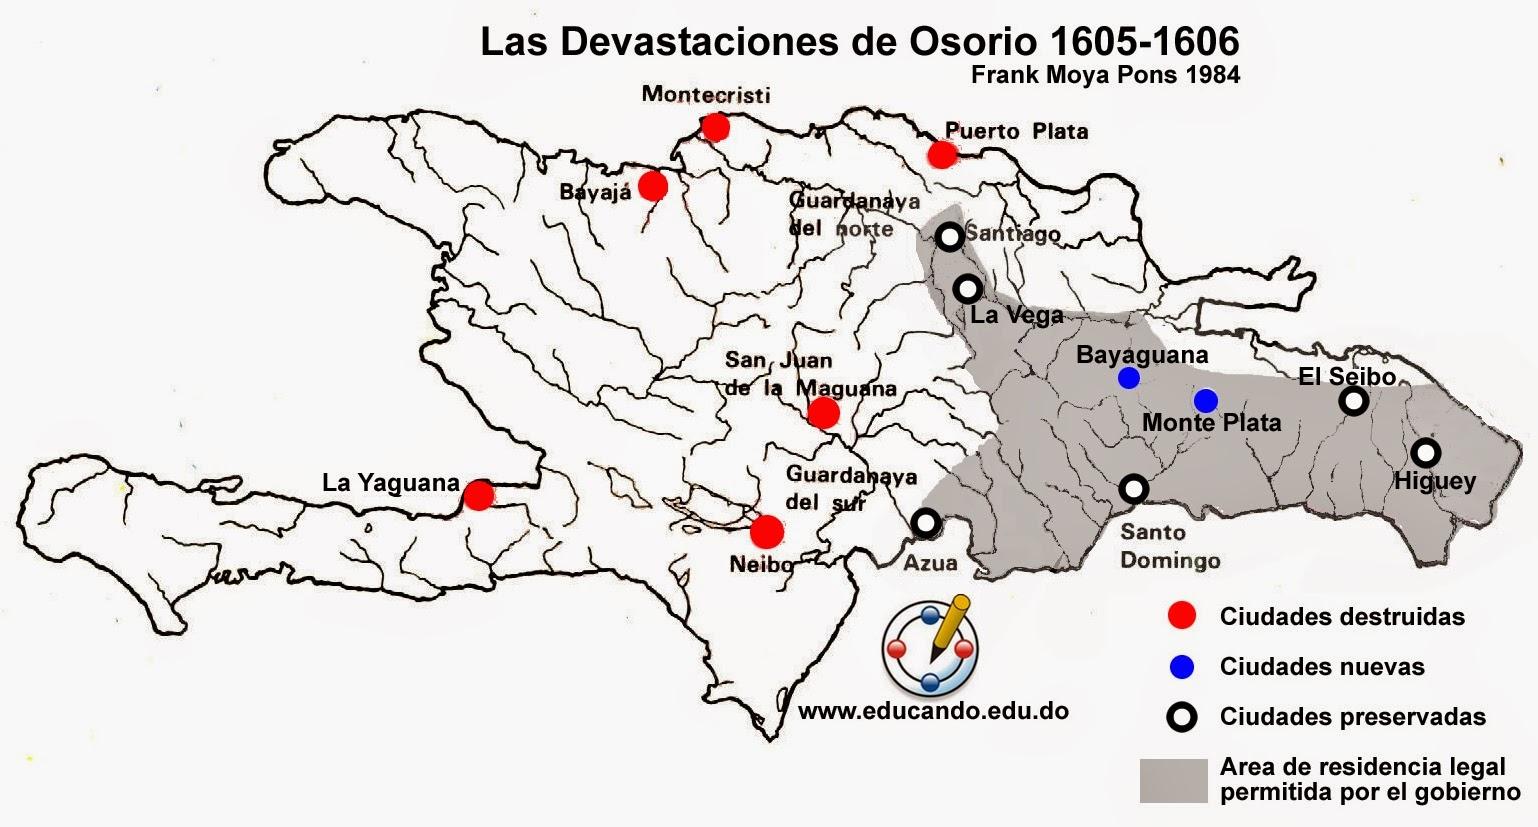 Dream Variants: Devastaciones de Osorio and the